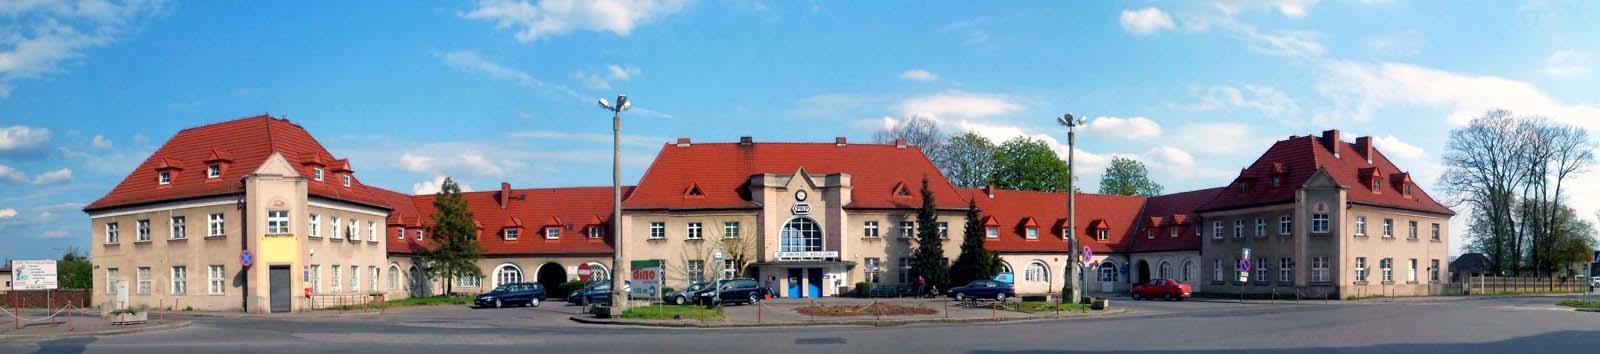 Dworzec w Zbąszynku 26.04.2015. Drzewa przed dworcem wycięte, rondo czeka na rozpoczęcie przebudowy.